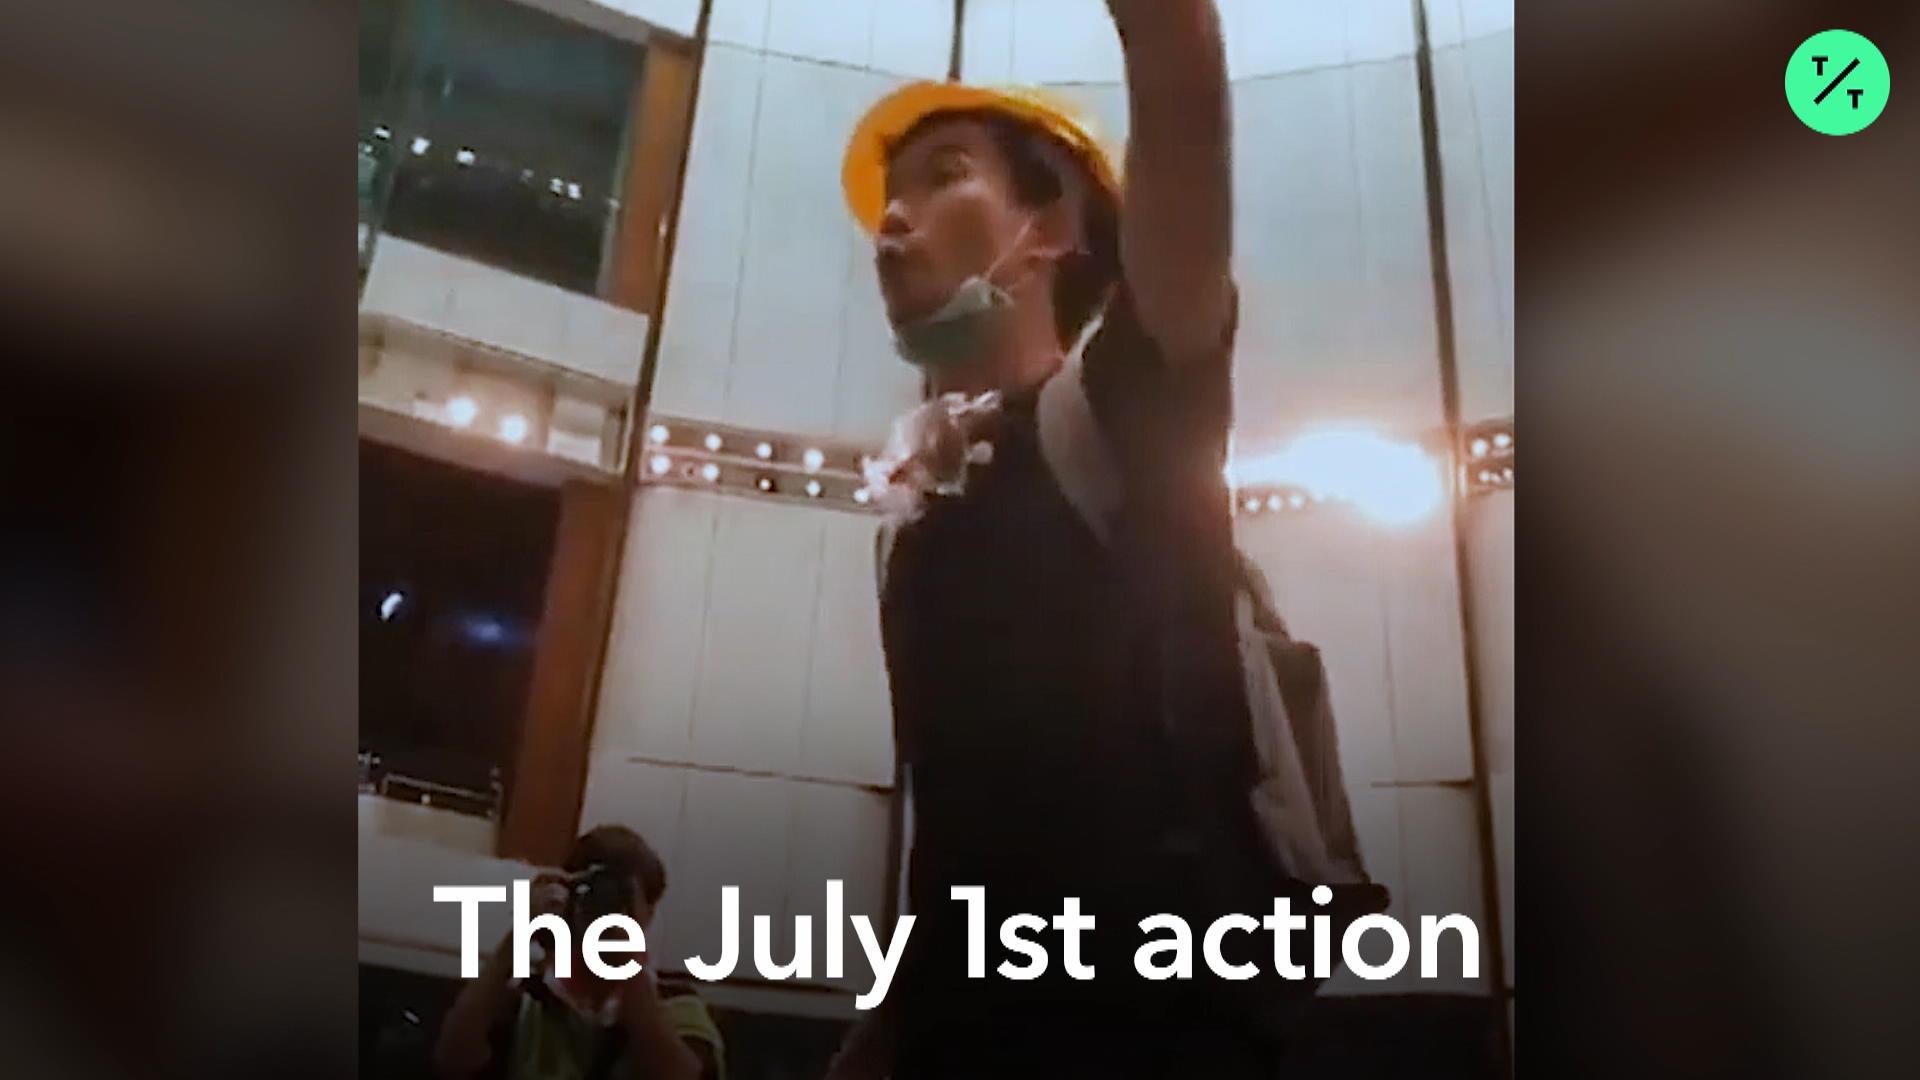 Meet Hong Kong's Unmasked Protester